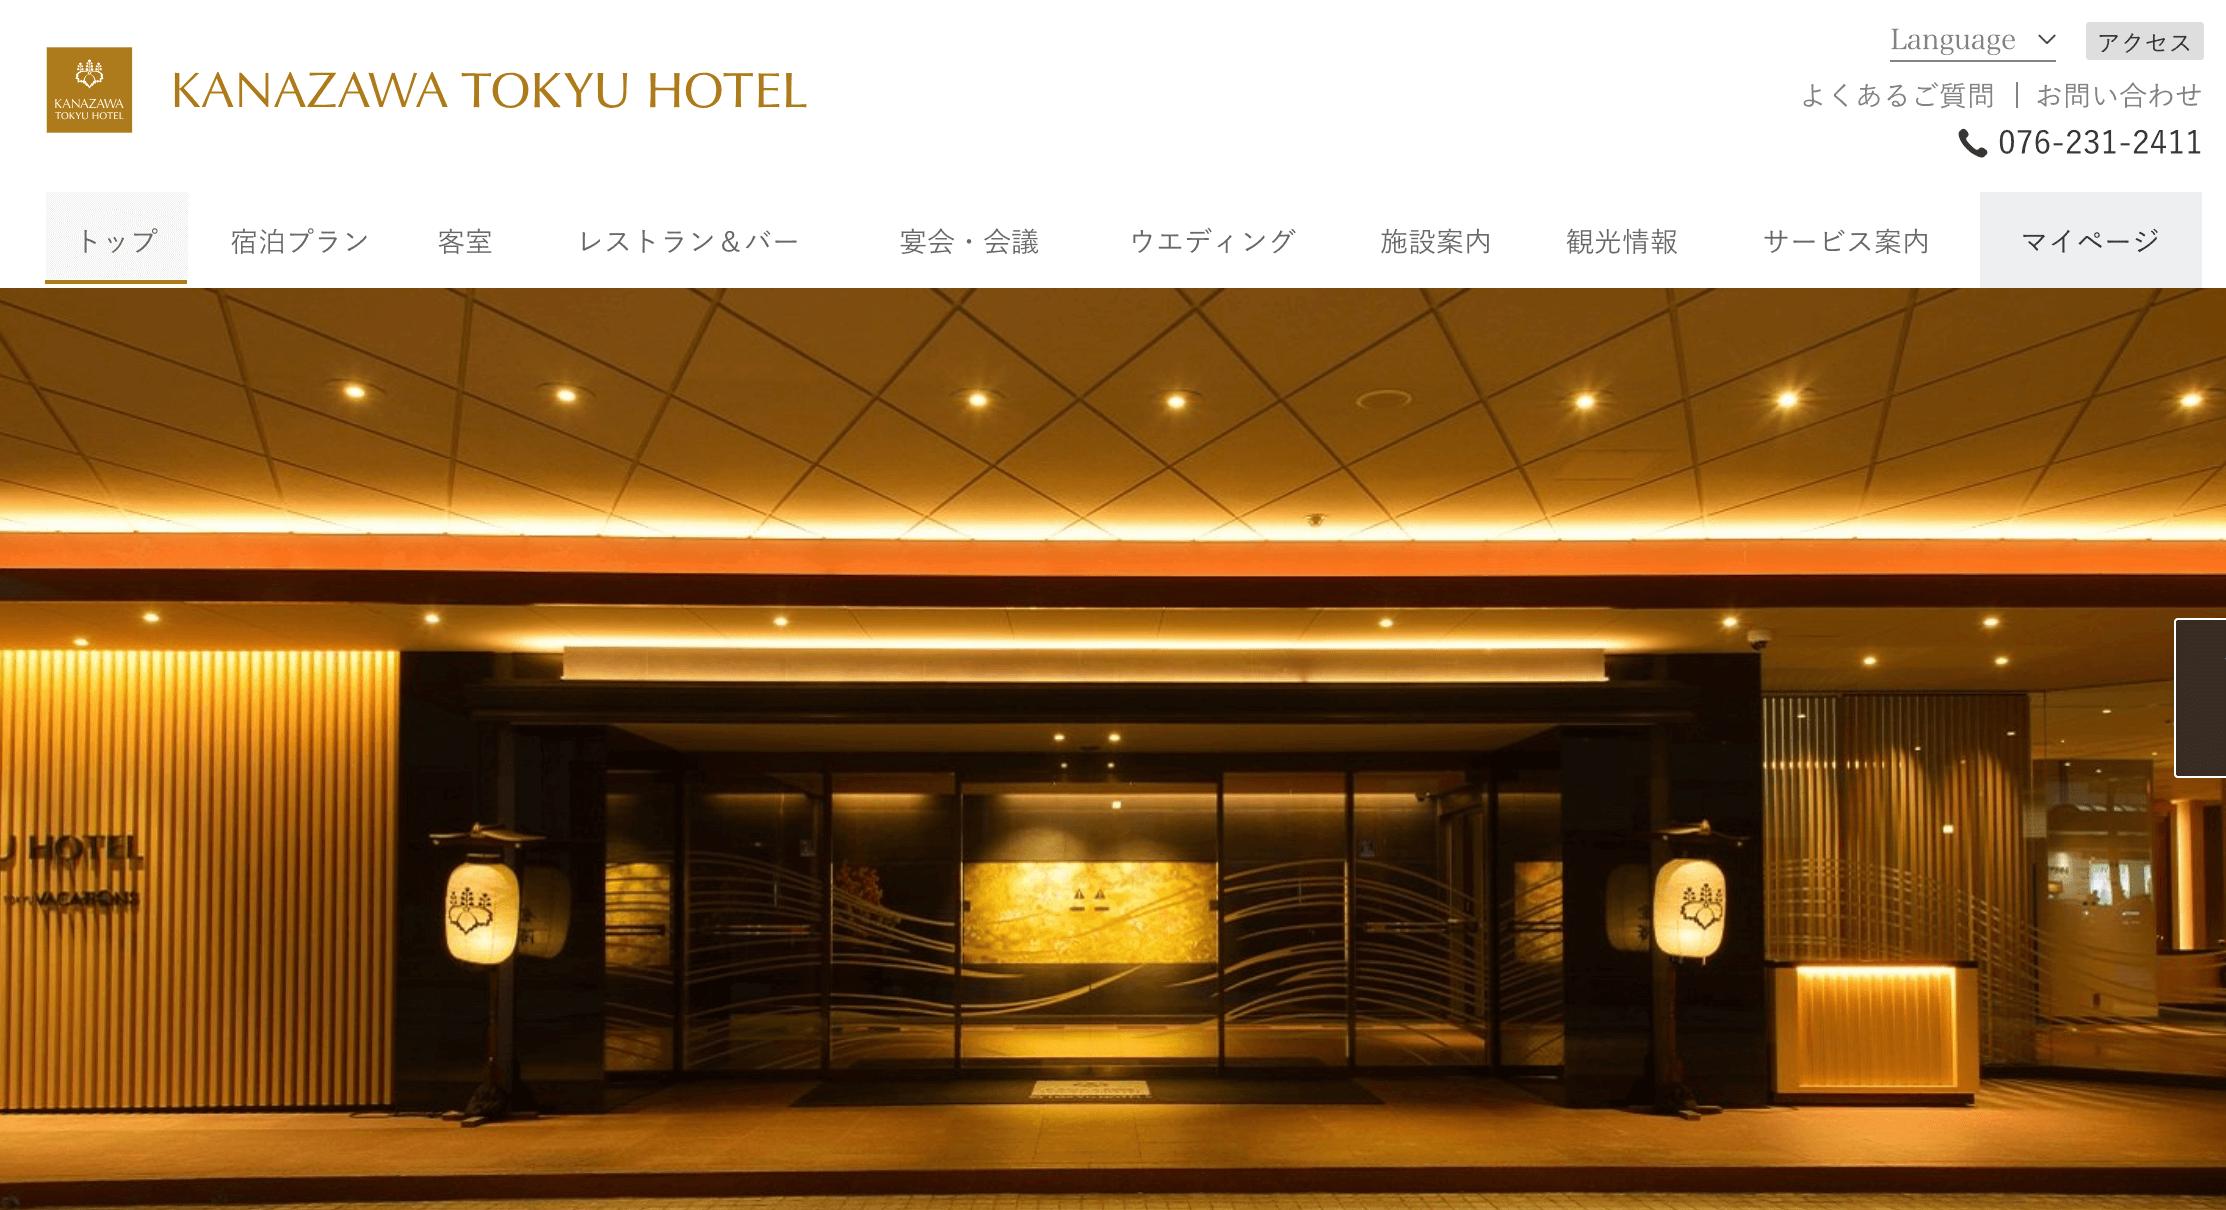 石川でパパ活におすすめなホテル「金沢東急ホテル」